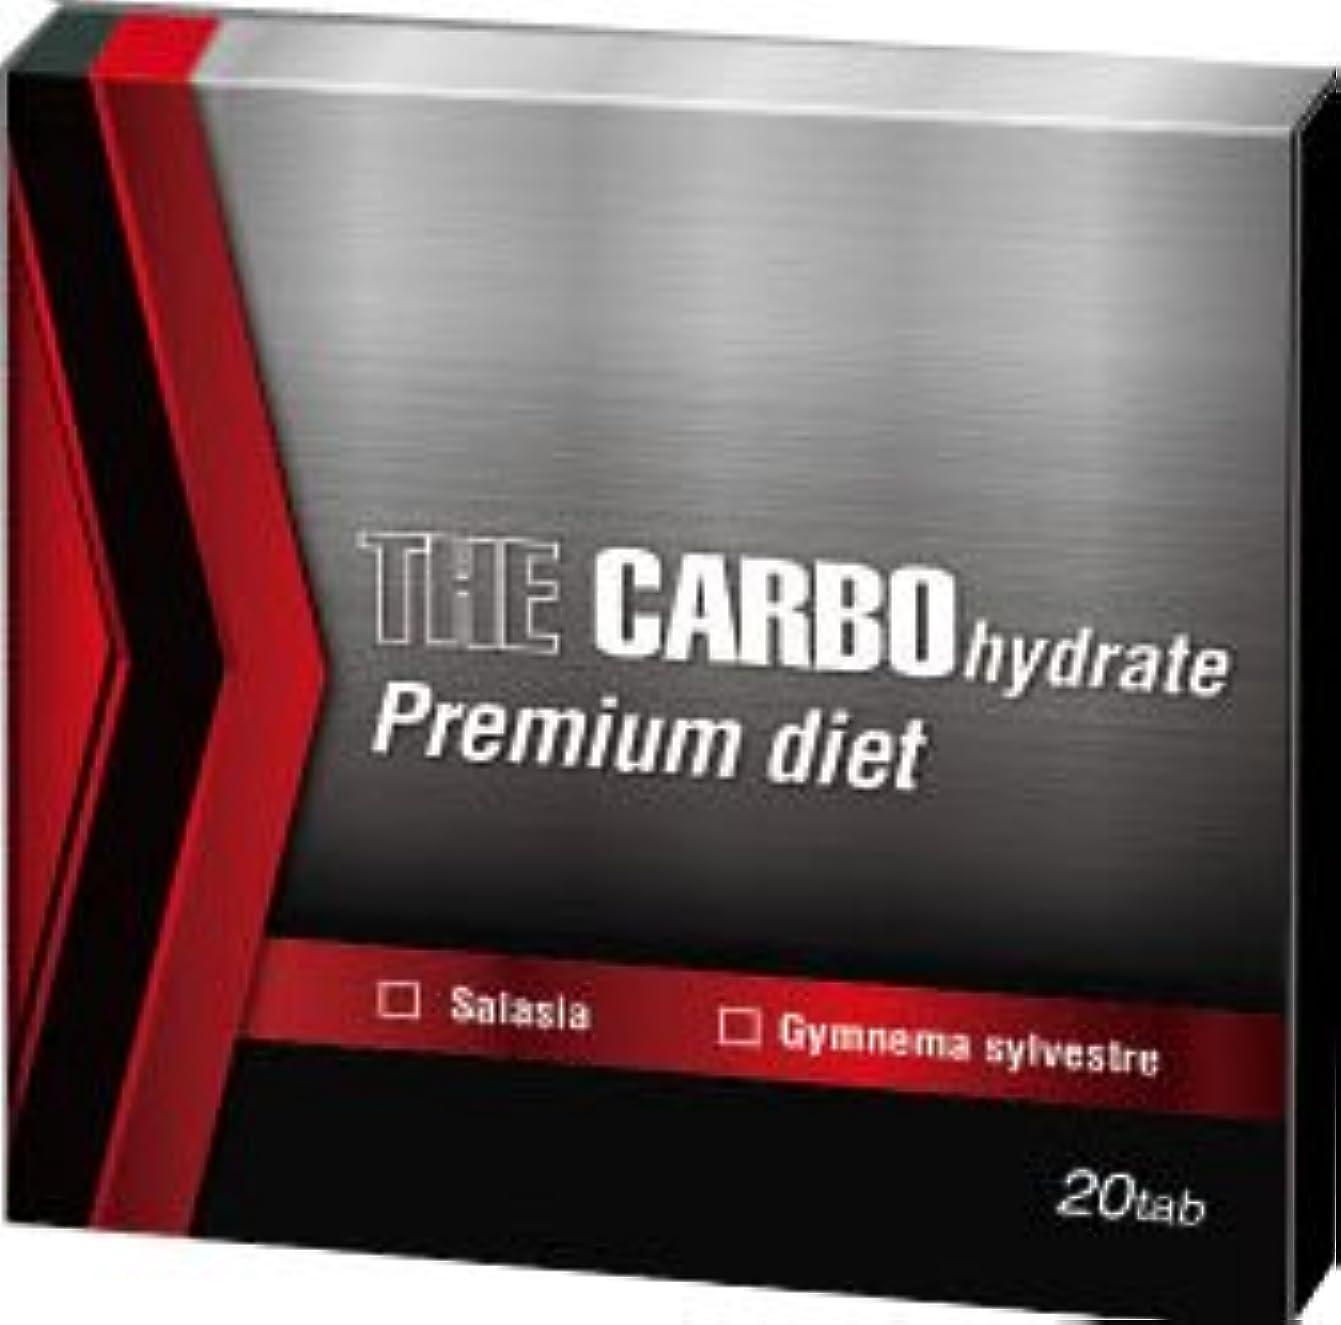 倍増空削るザ?糖質プレミアムダイエット20Tab〔THE CARBO hydrate Premium daiet〕